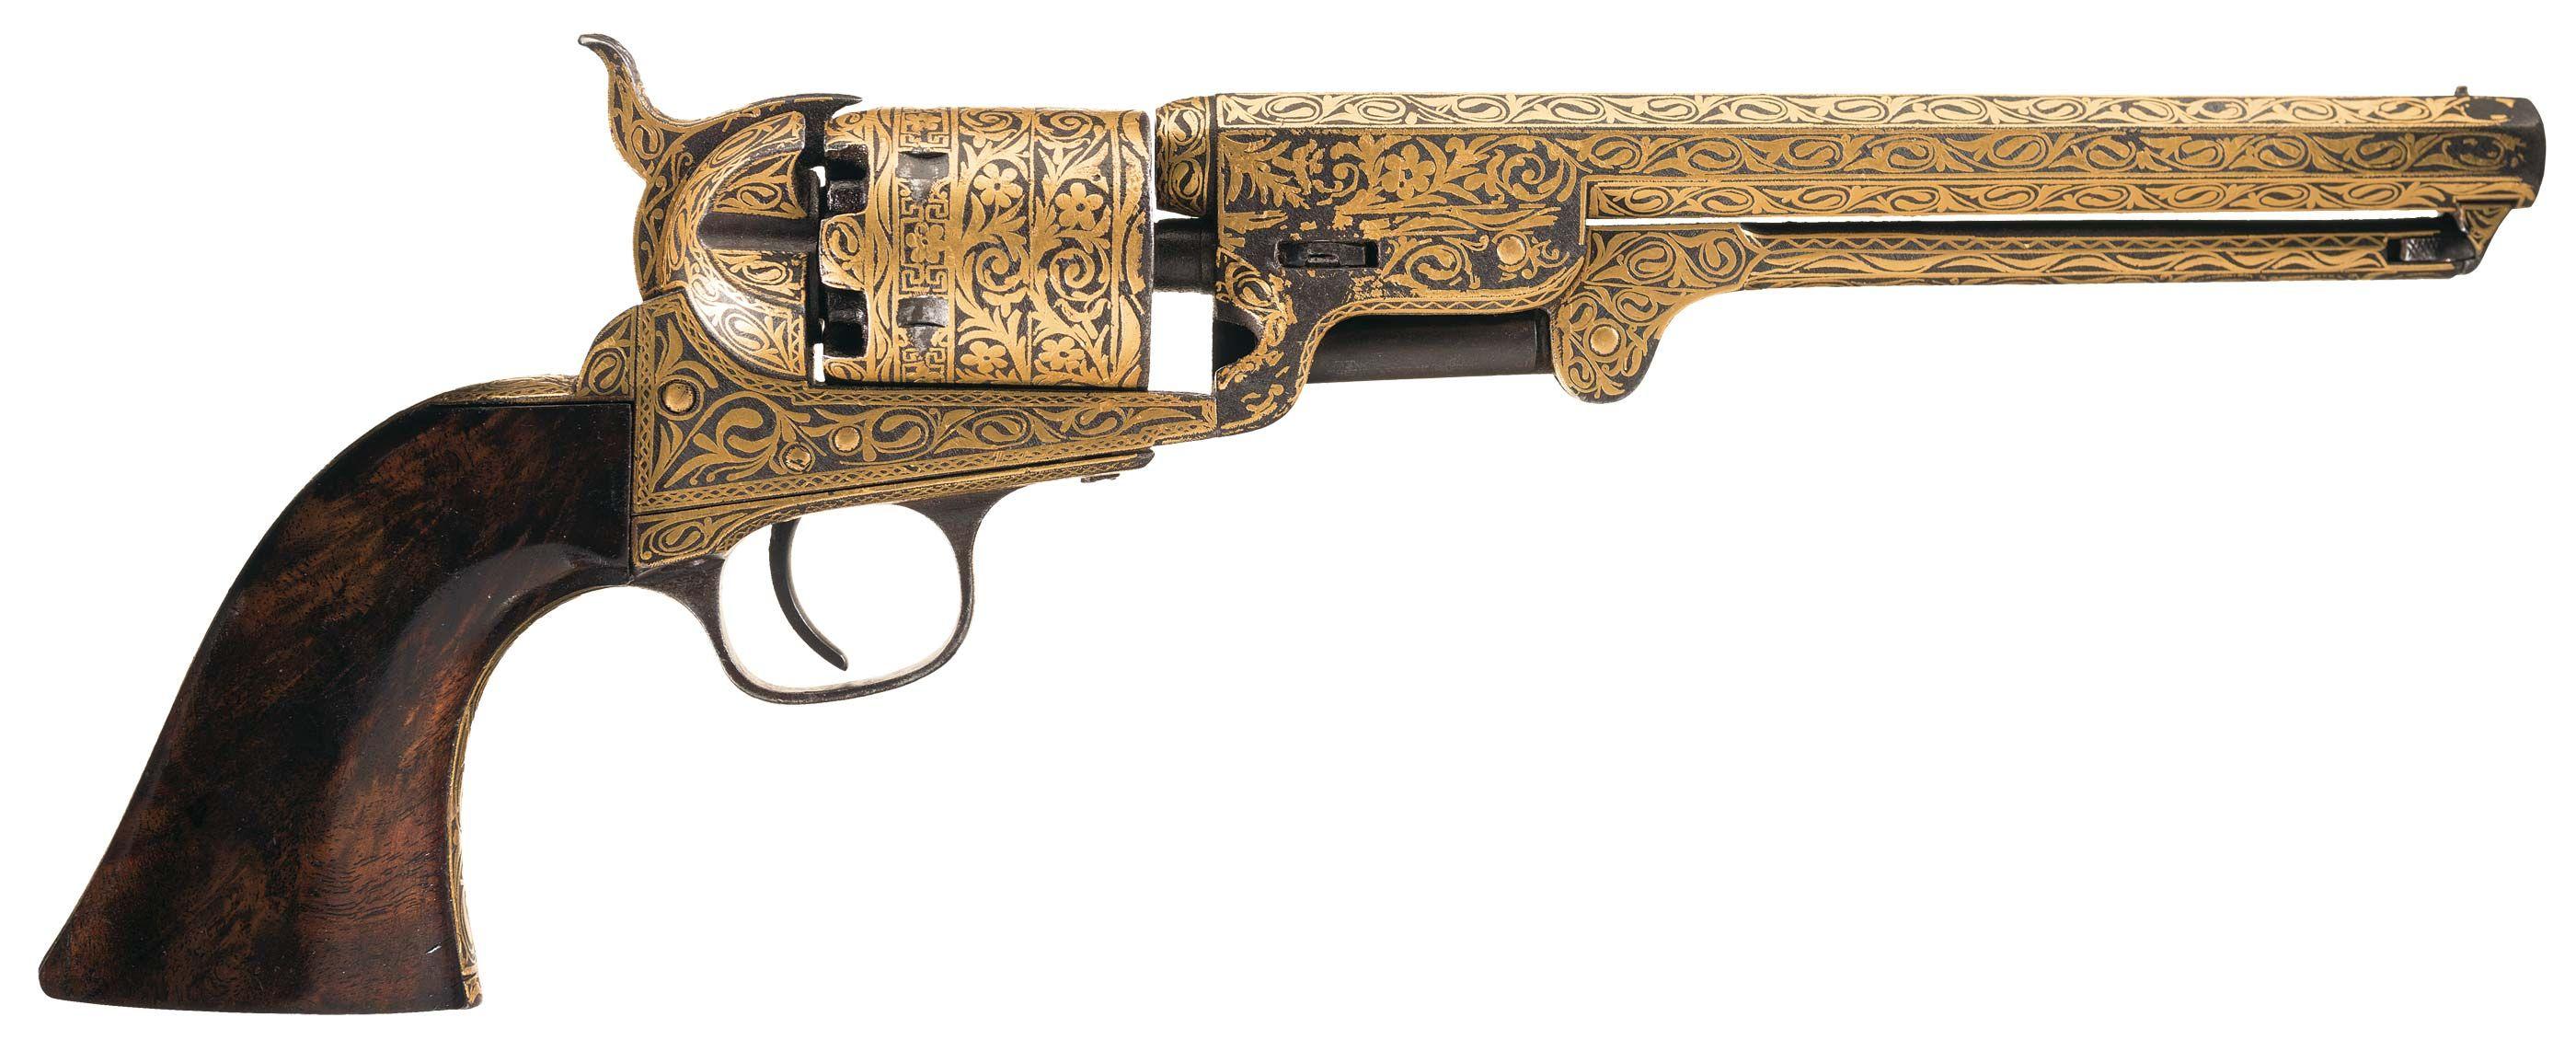 Colt 1851 Navy with Gold Damascene Finish [2800x1155][OS][OC ...